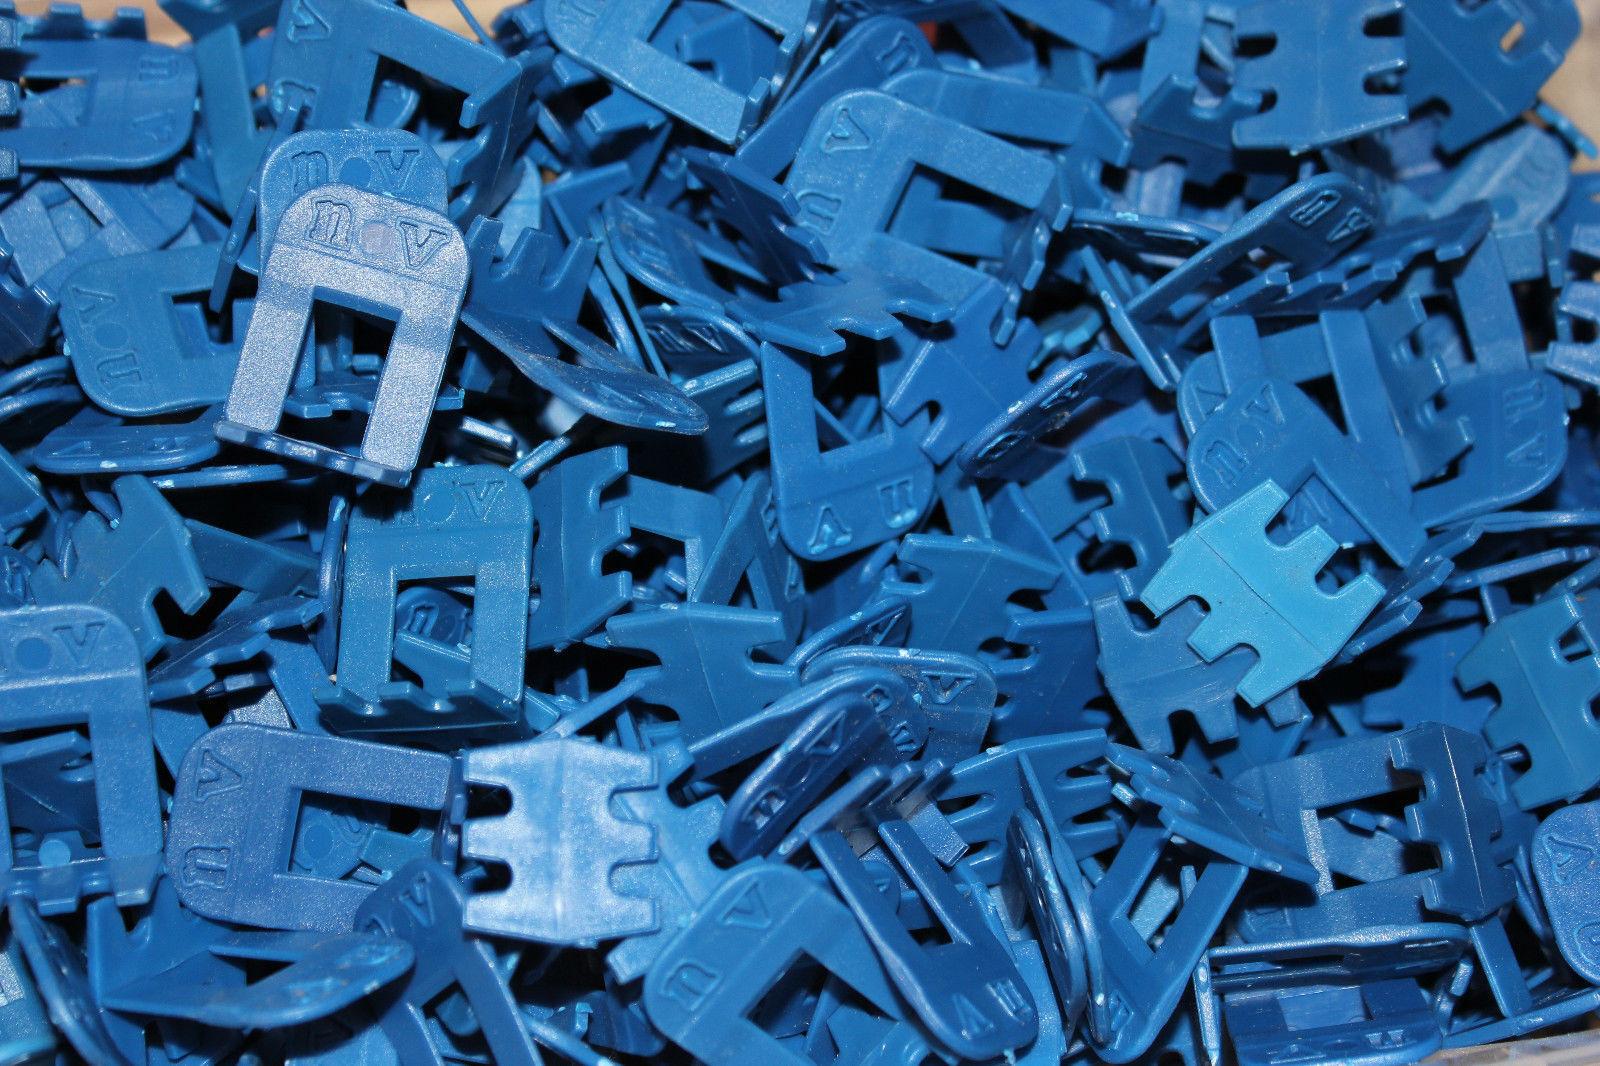 Fliesen Nivelliersystem, Verlegehilfe 2000 Laschen Laschen Laschen (1 mm) + 600 Keile + Zange   Online    Verkauf Online-Shop    Spielen Sie auf der ganzen Welt und verhindern Sie, dass Ihre Kinder einsam sind  9b3e5b